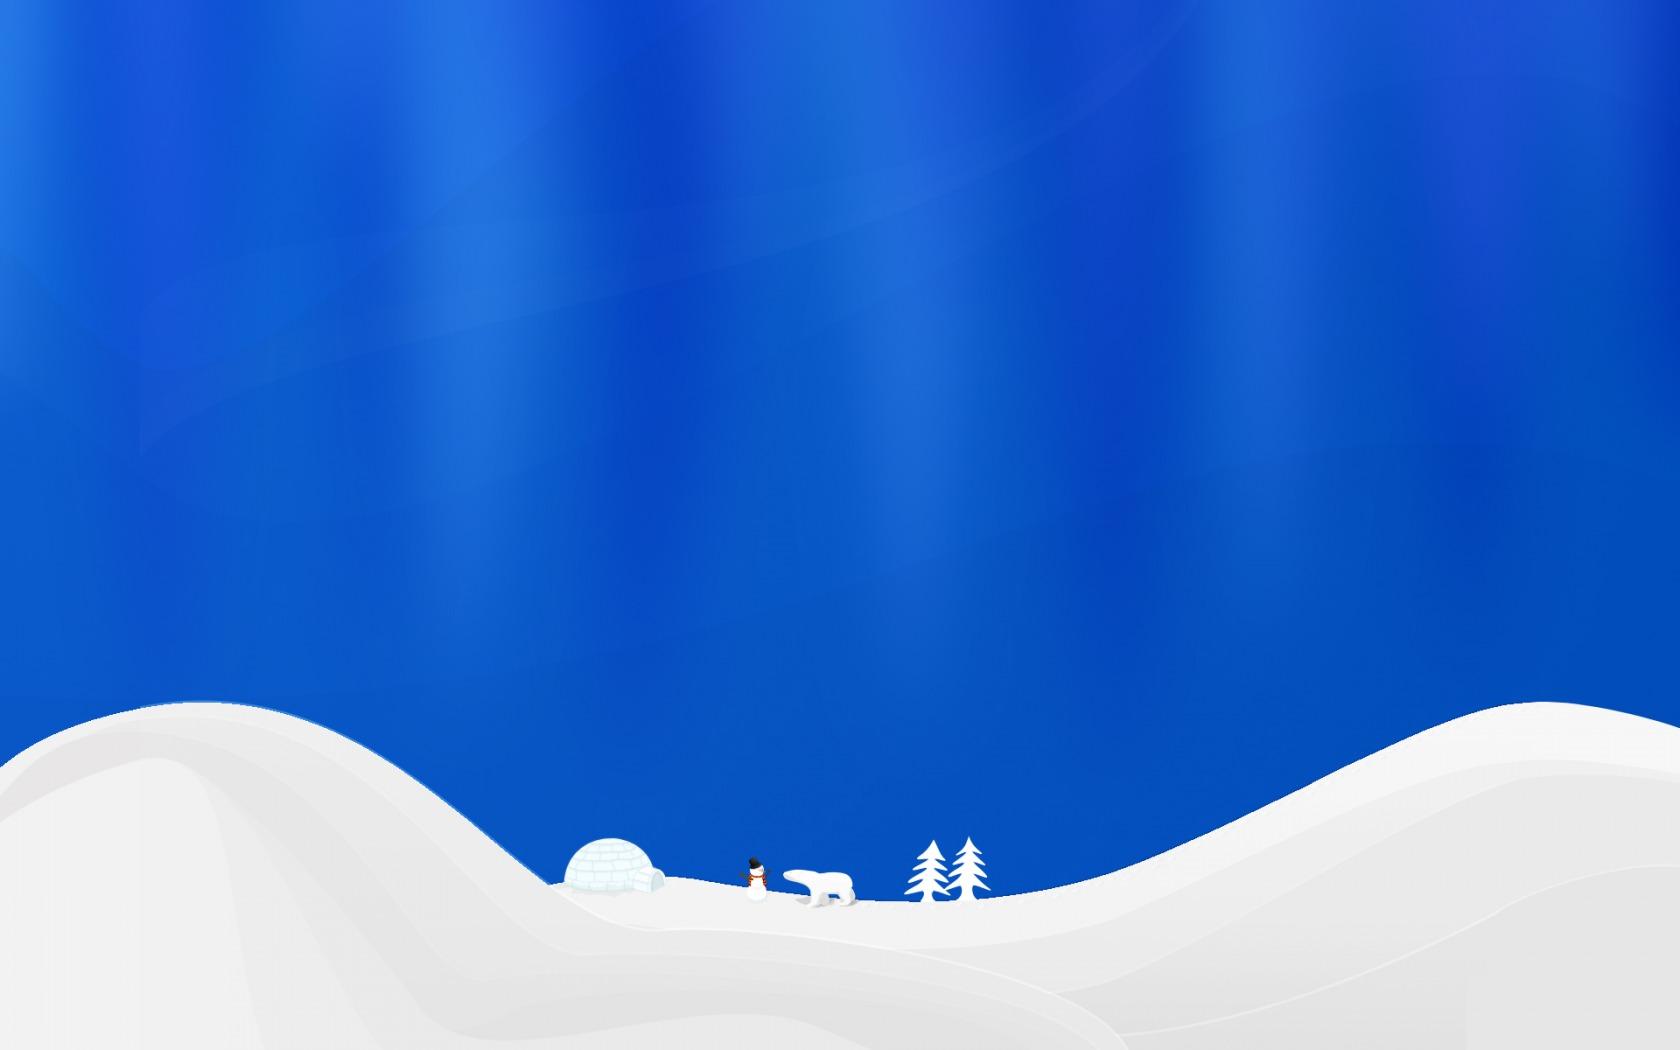 Winter simple vector Wallpaper Vector D Wallpapers in jpg format